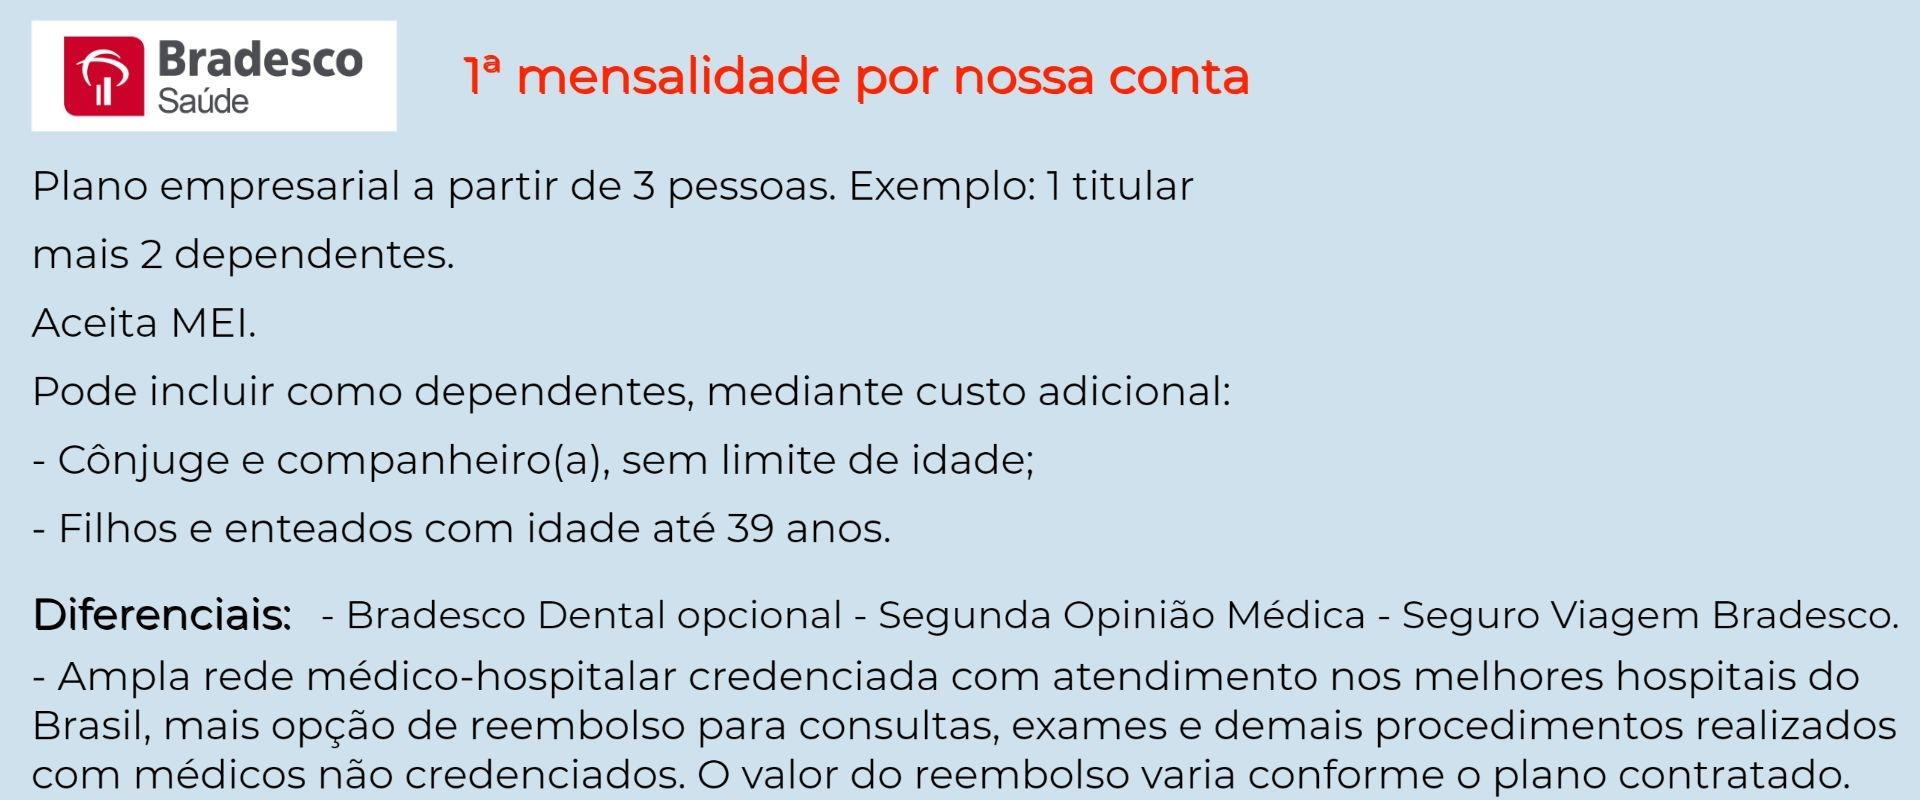 Bradesco Saúde Empresarial - Nova Venécia